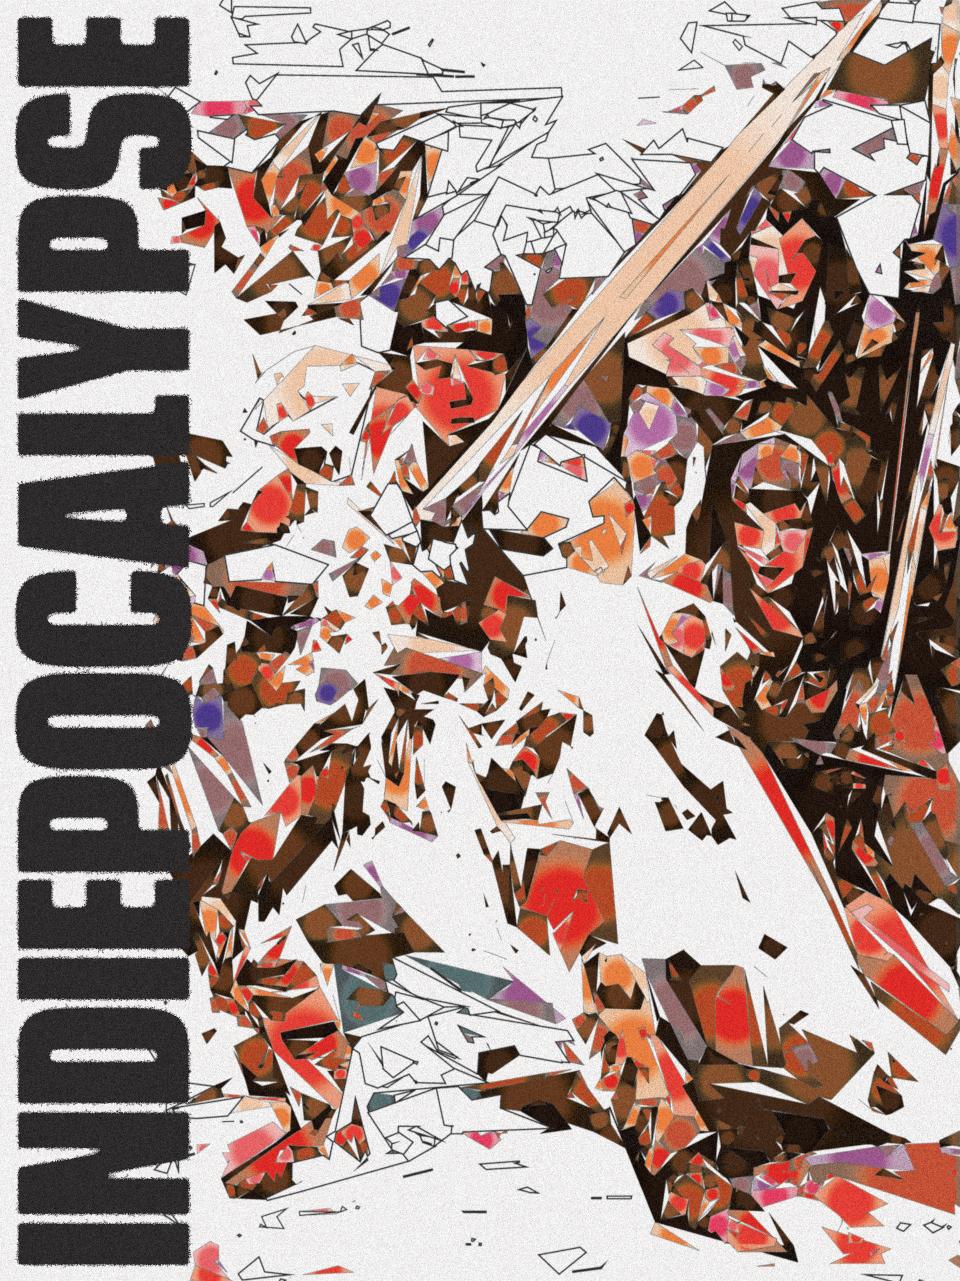 Indiepocalypse #19